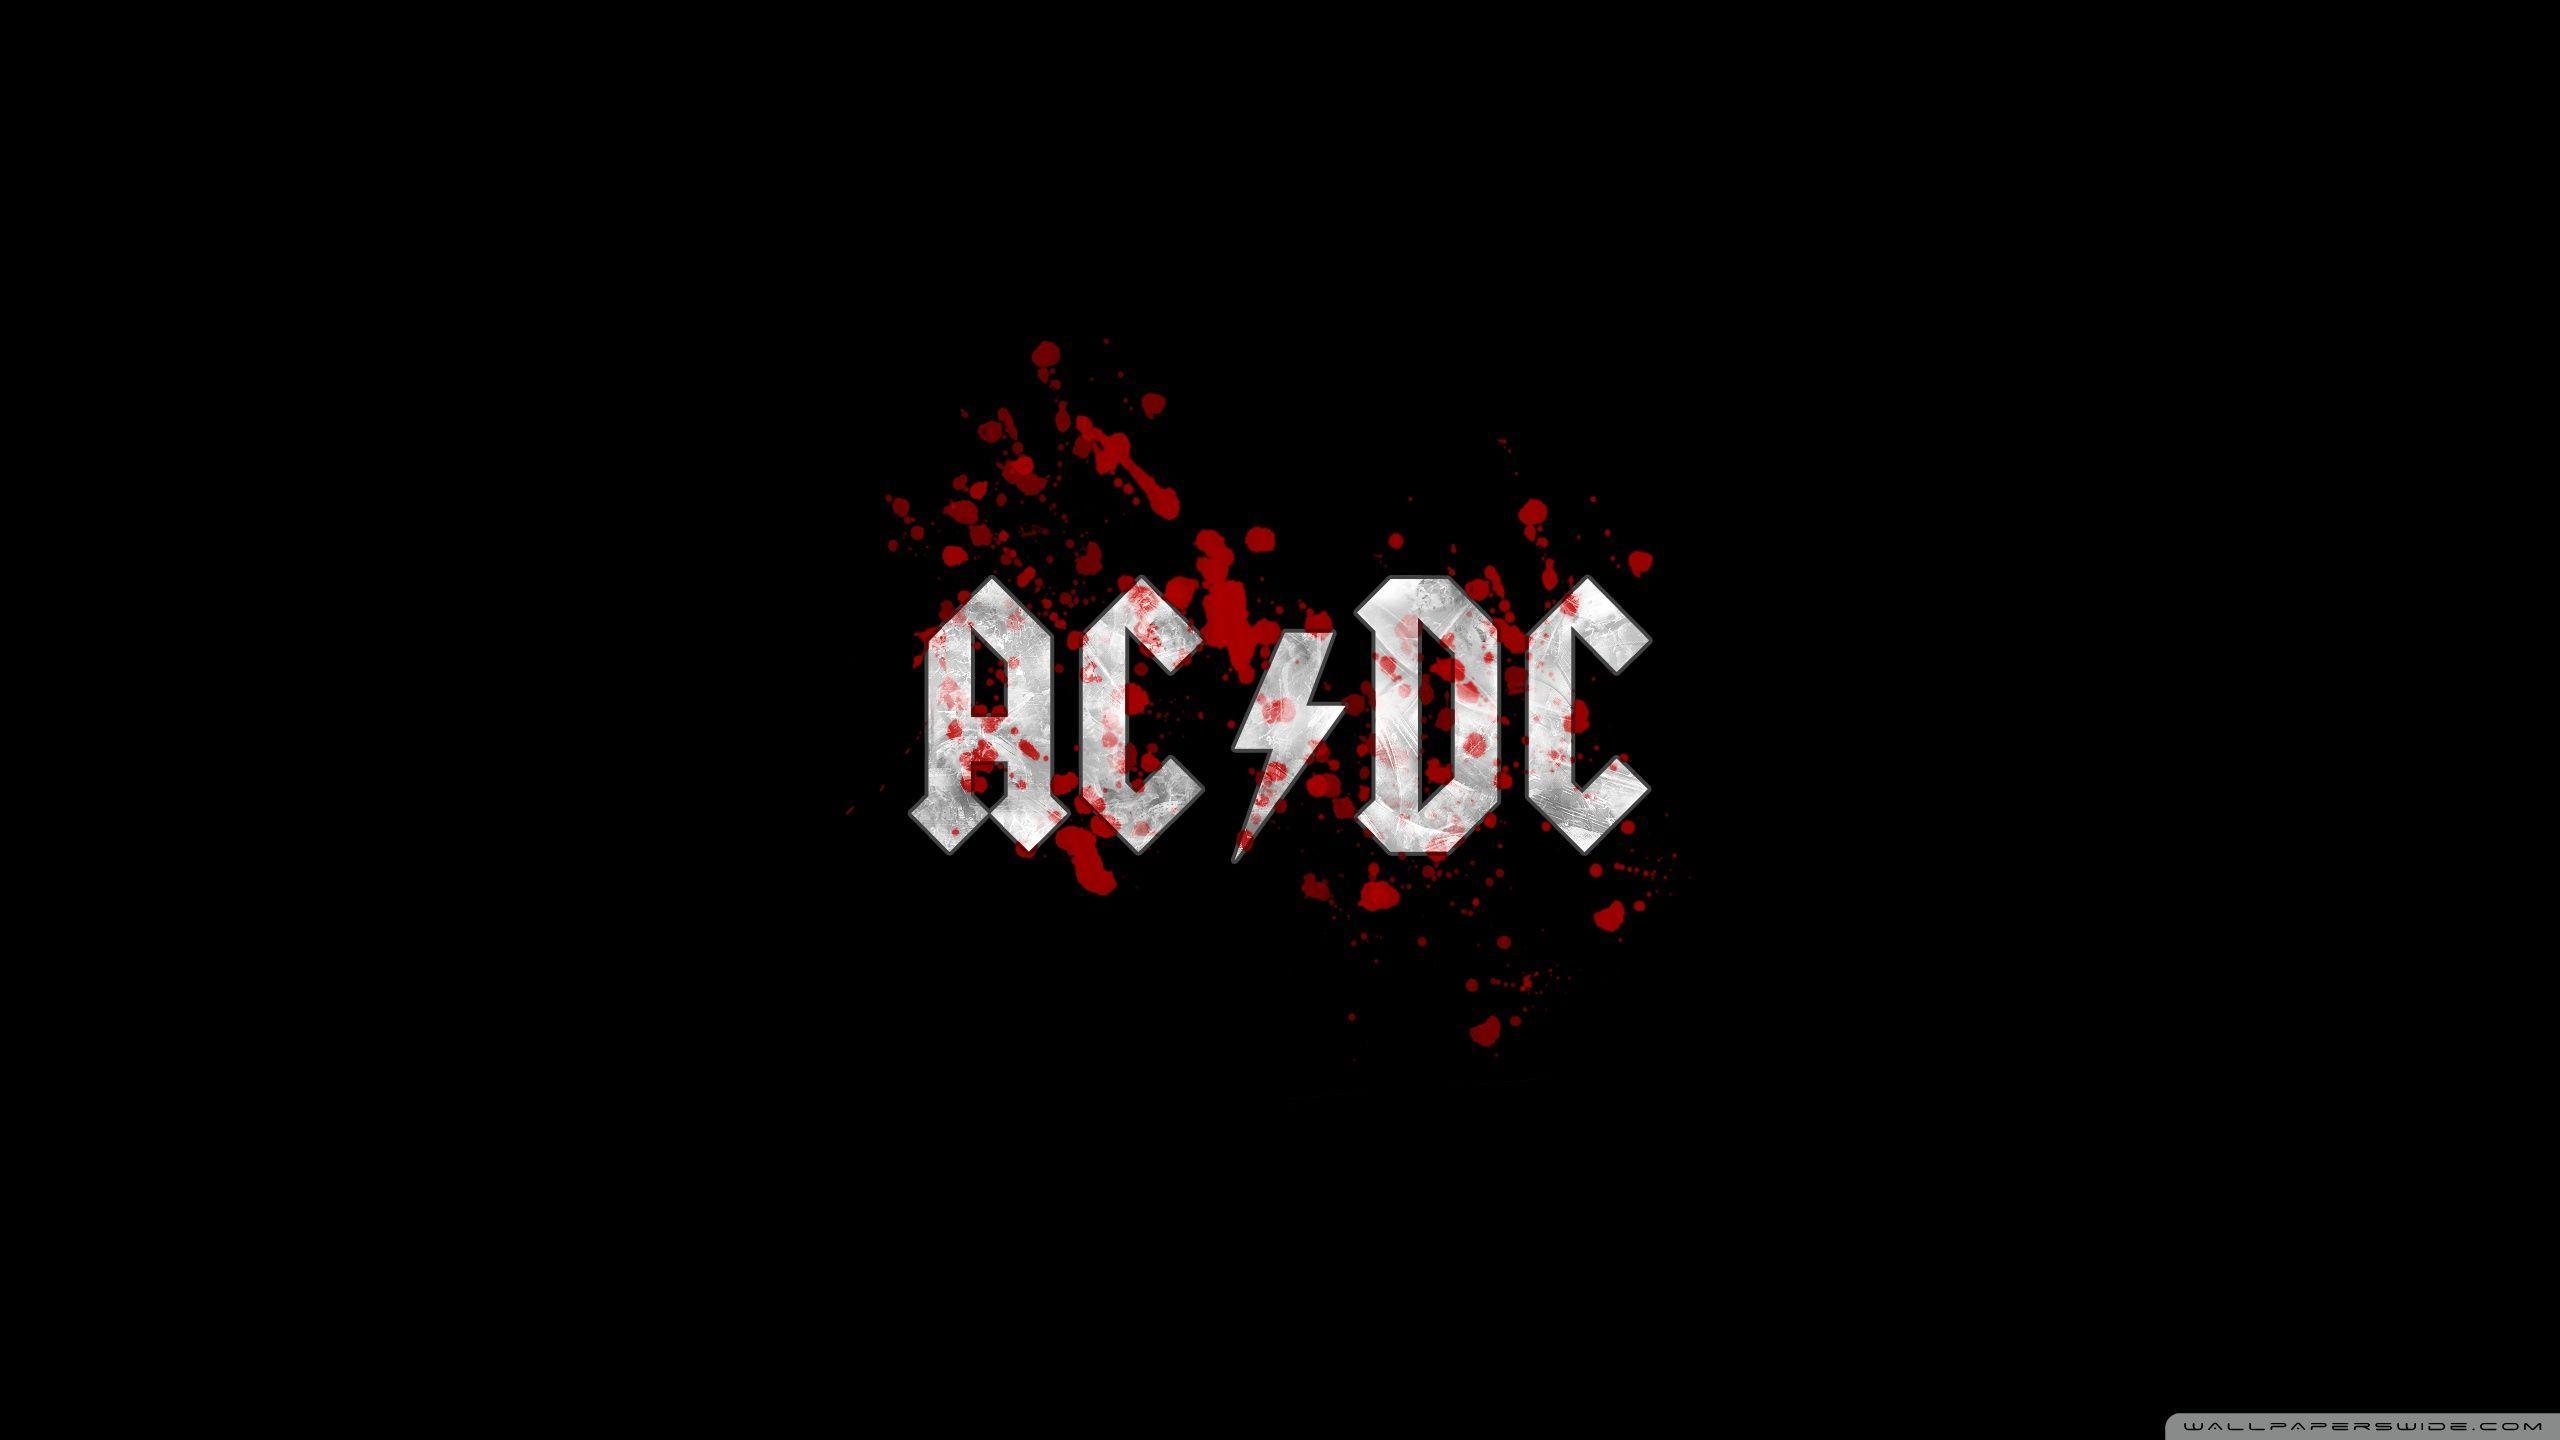 Dc logo wallpapers wallpaper cave acdc blood logo hd desktop wallpaper widescreen fullscreen thecheapjerseys Gallery